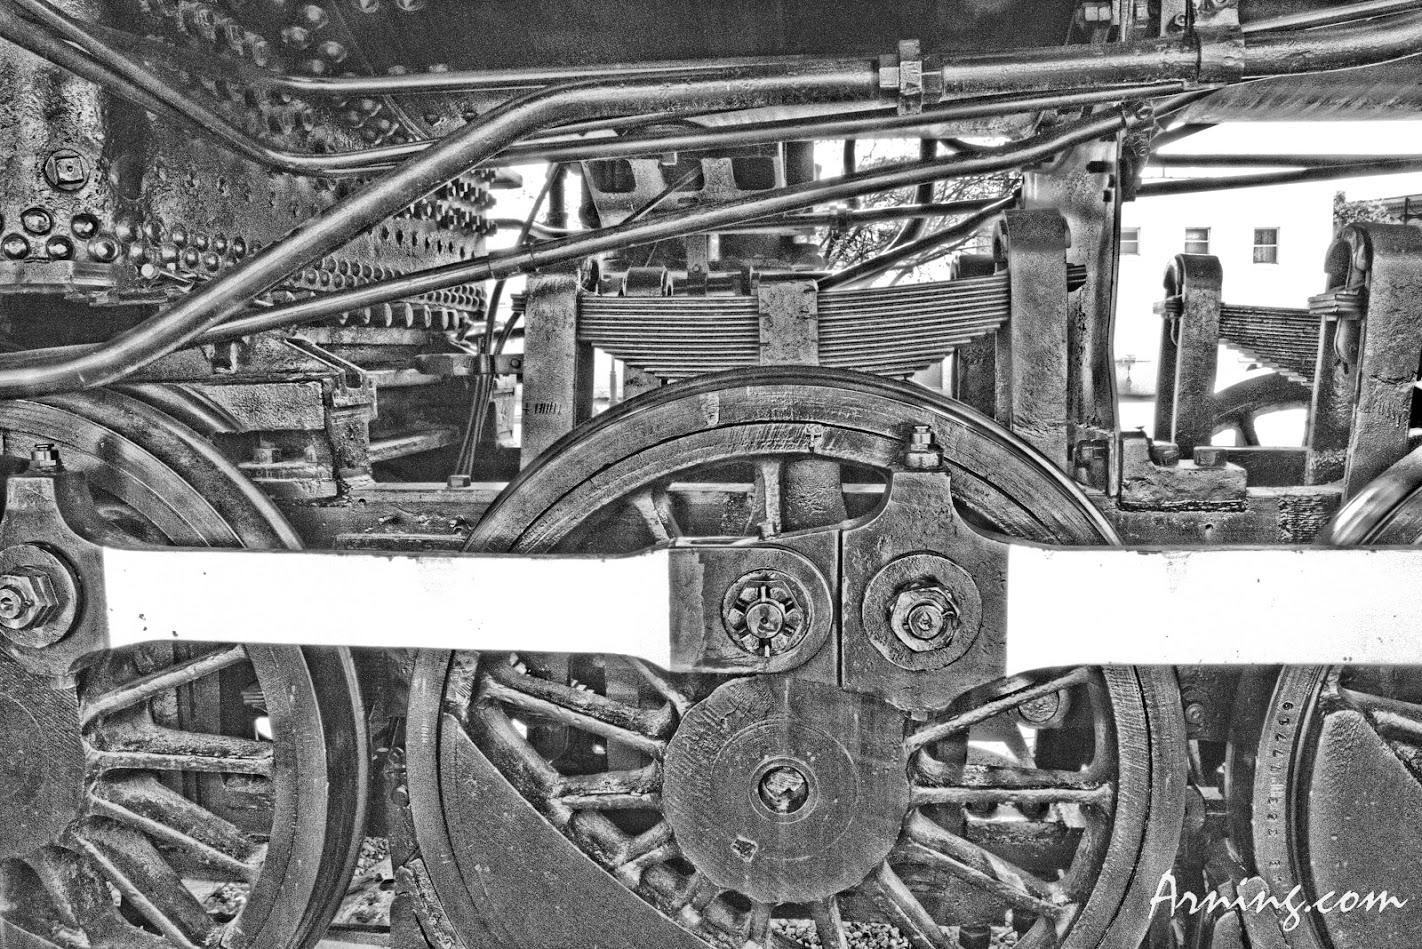 Locomotive Number 940 in Bartlesville OK